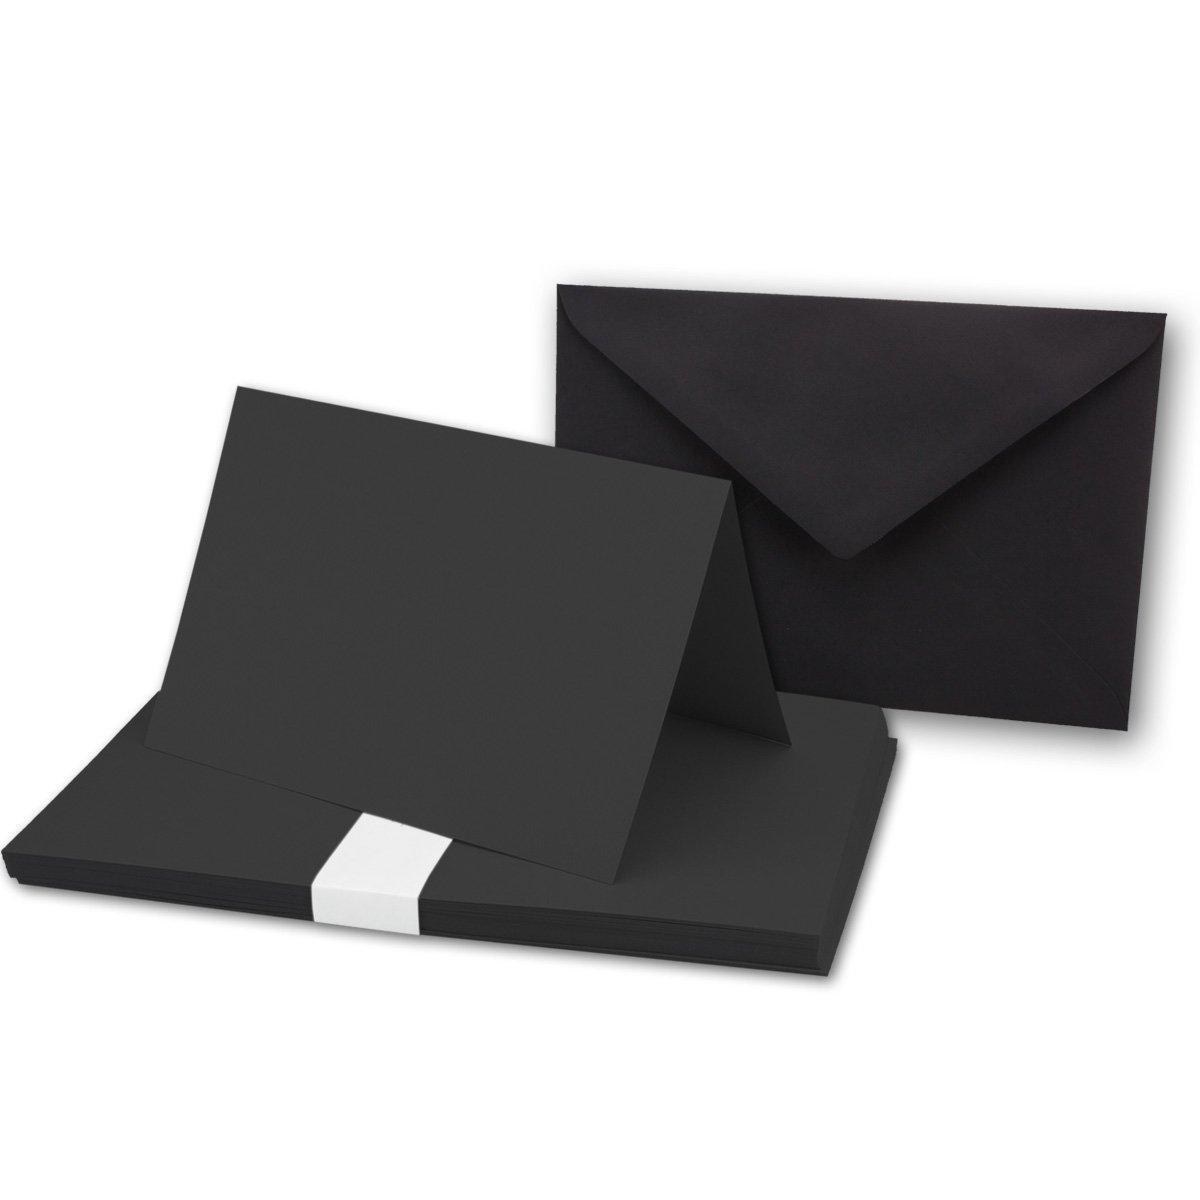 75 Sets - Faltkarten Hellgrau - Din A5  Umschläge Din C5 - Premium Qualität - Sehr formstabil - Qualitätsmarke  NEUSER FarbenFroh B072F81BBX | Verrückte Preis